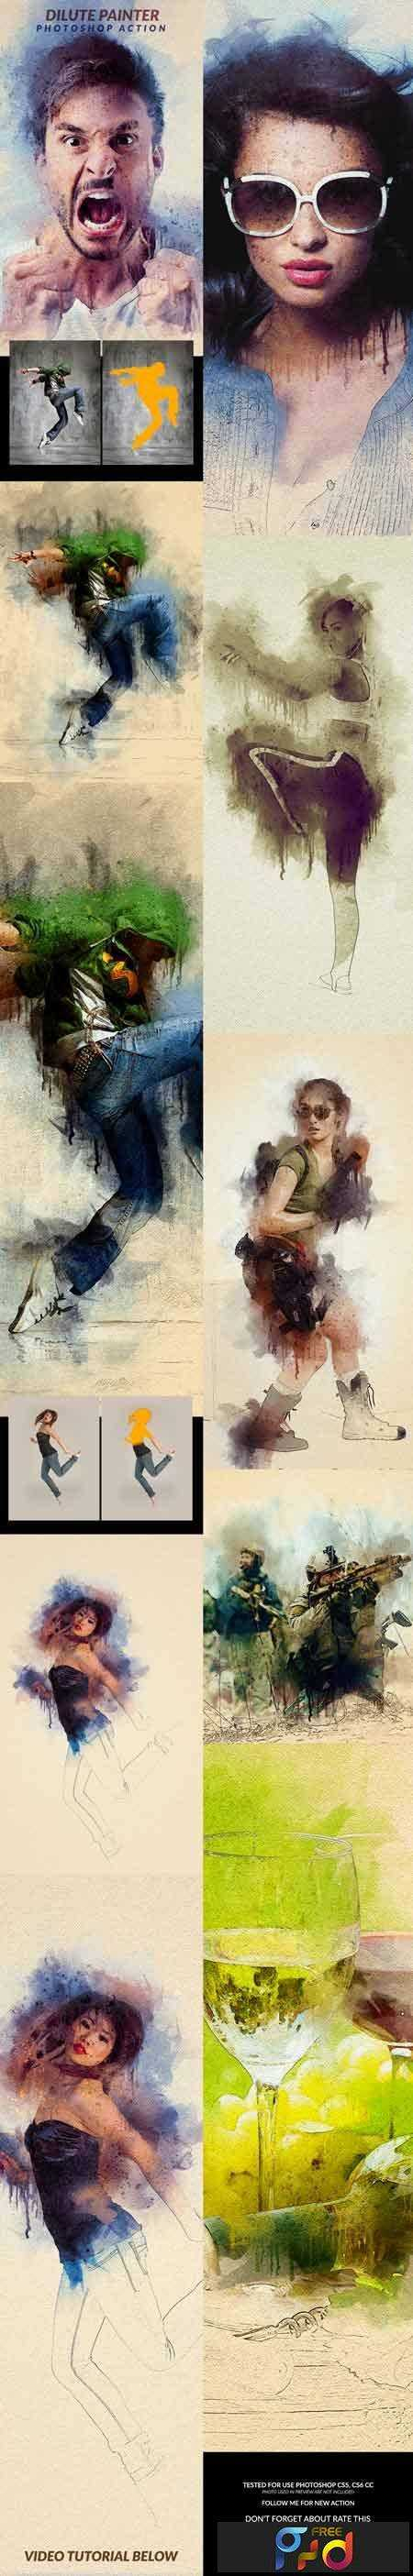 freepsdvn-com_1478676424_dilute-painter-photoshop-action-18267806